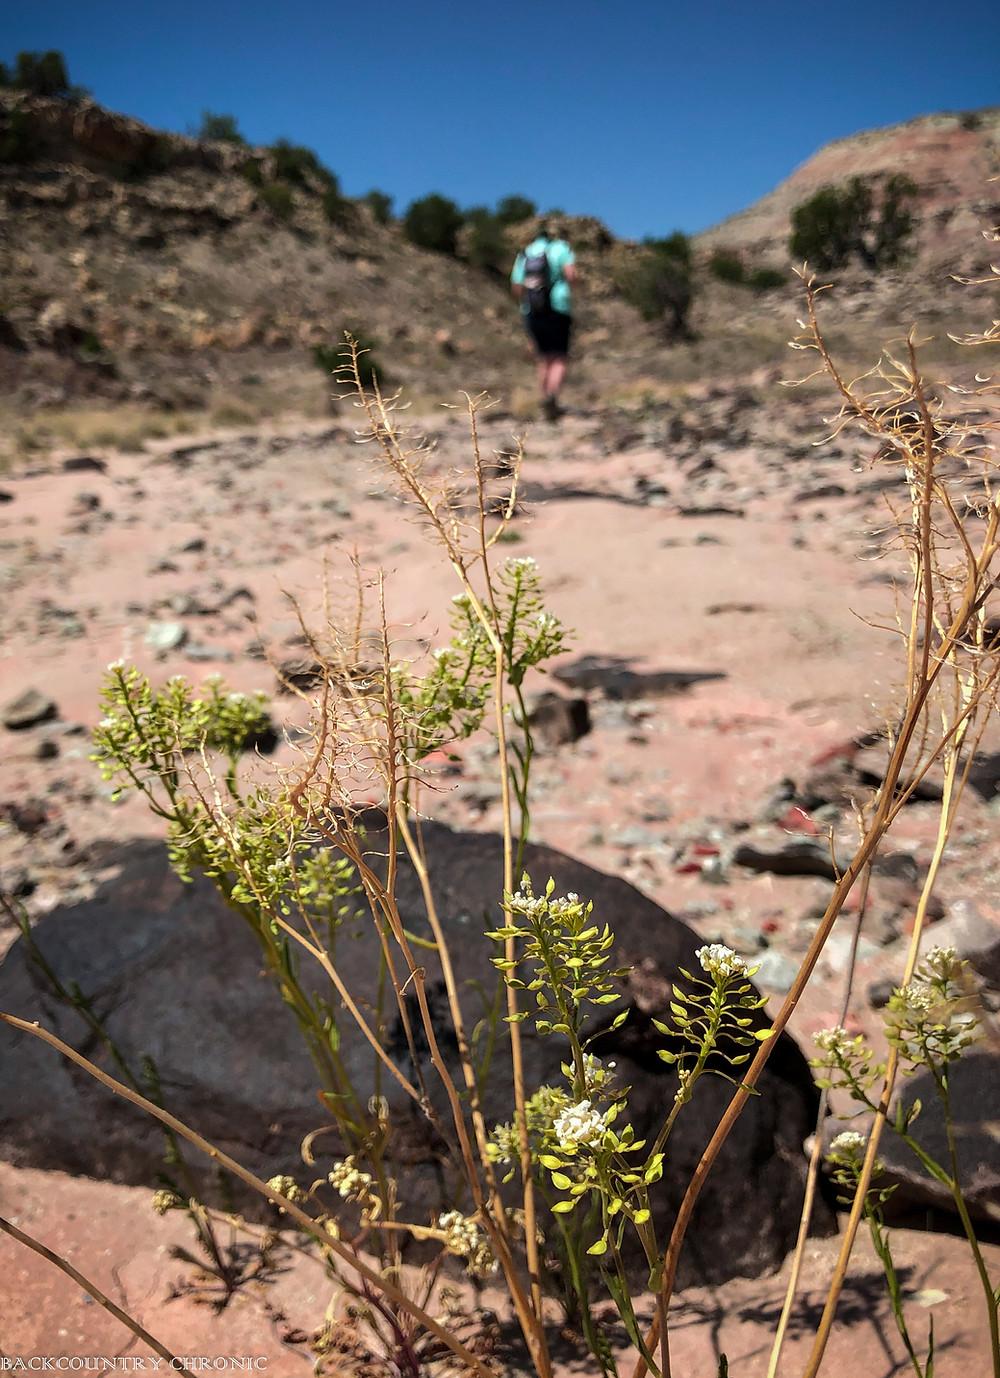 Walking through Ojito Wilderness Area with Ankylosing Spondylitis